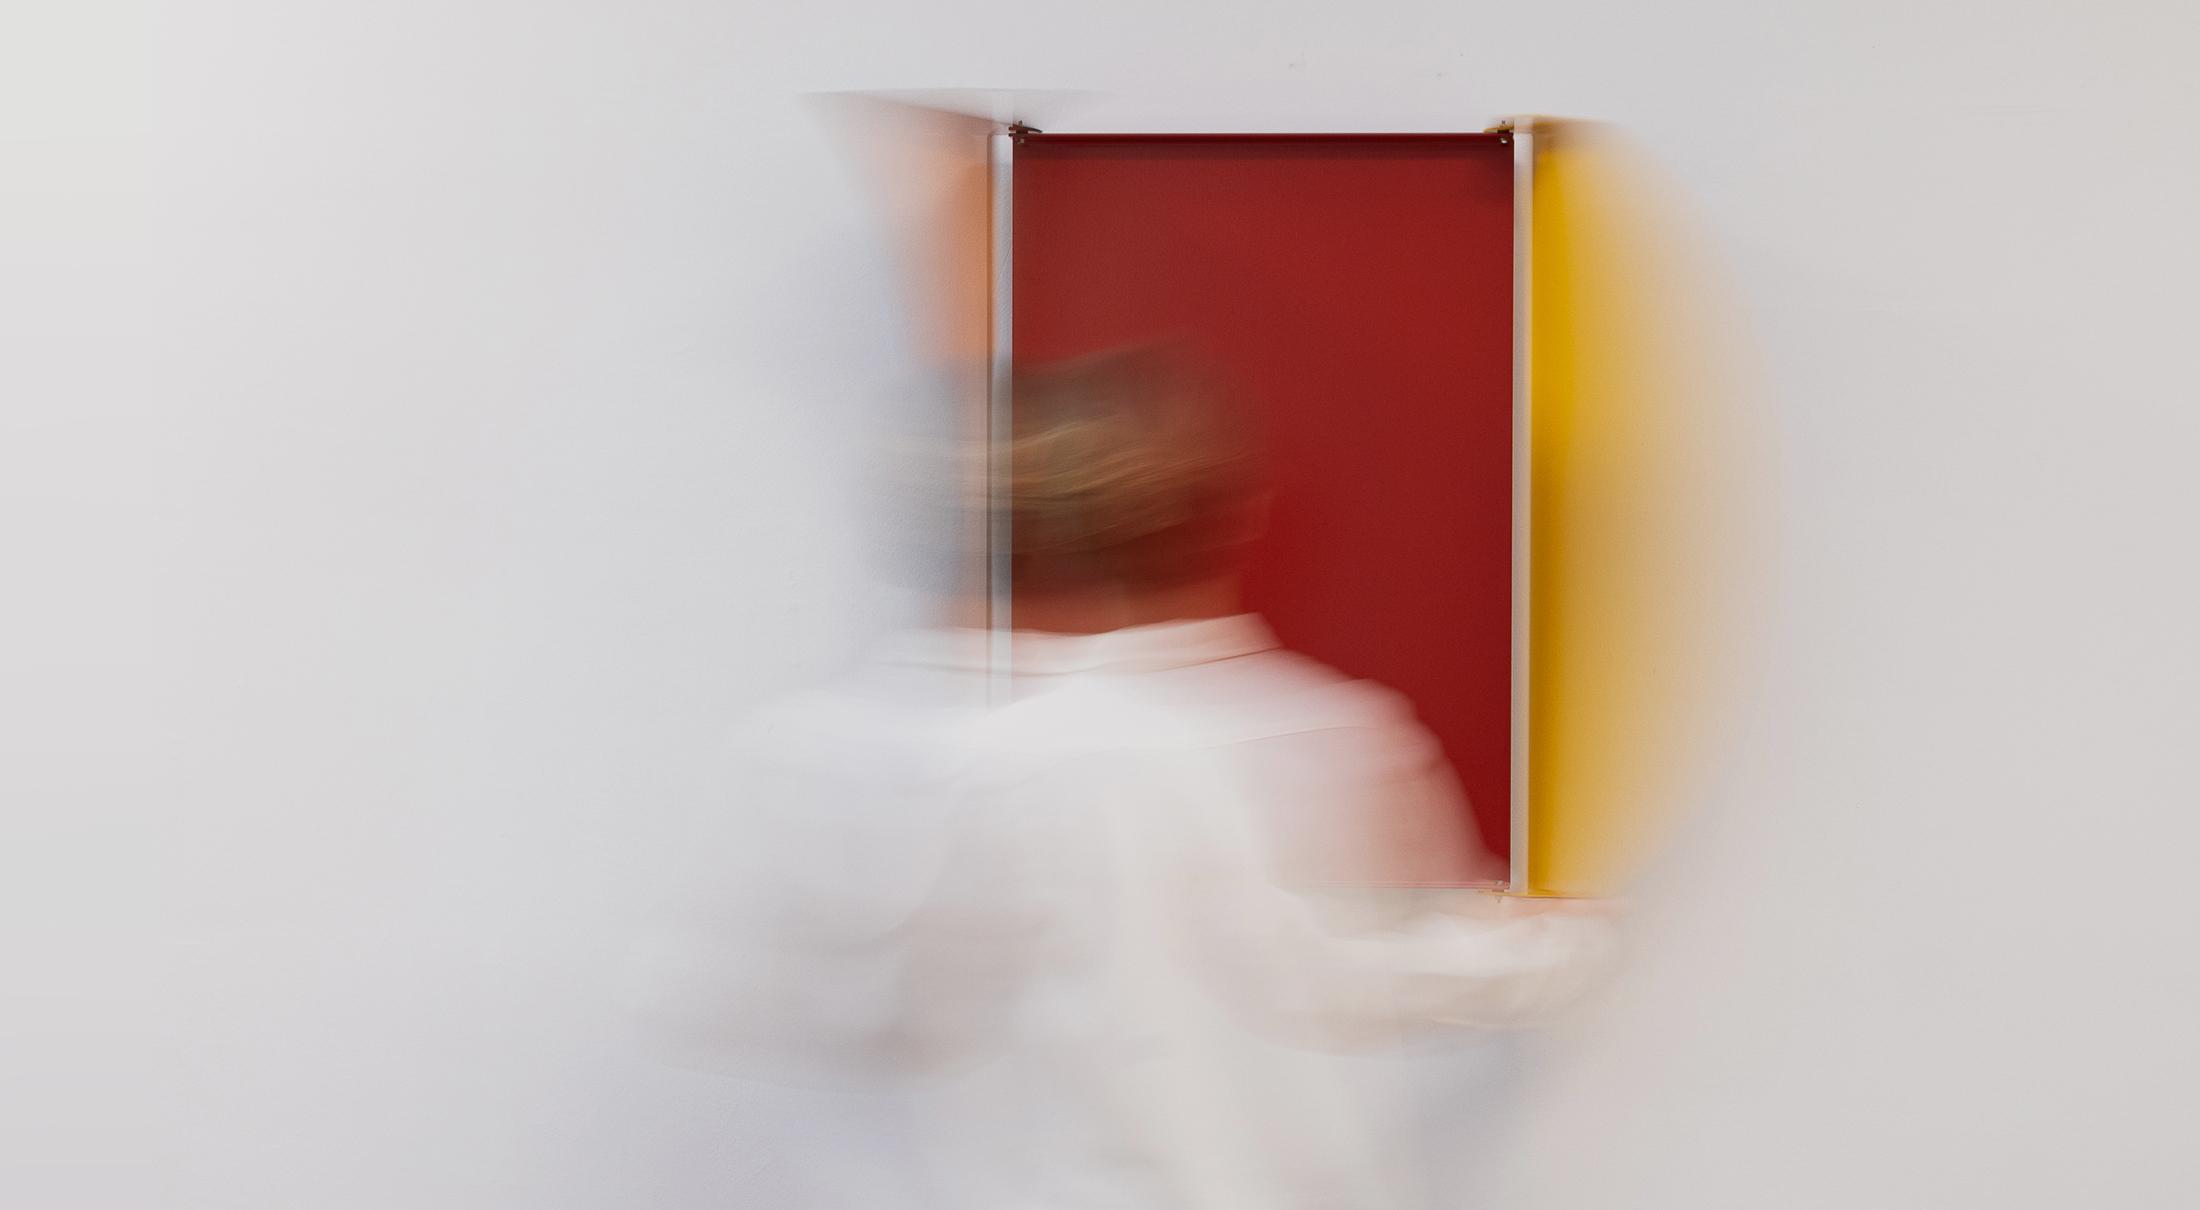 LOU VAN ´T RIET | Minimalist Landscapes Exposition > 27 février – 29 mai 2021 – EN-2